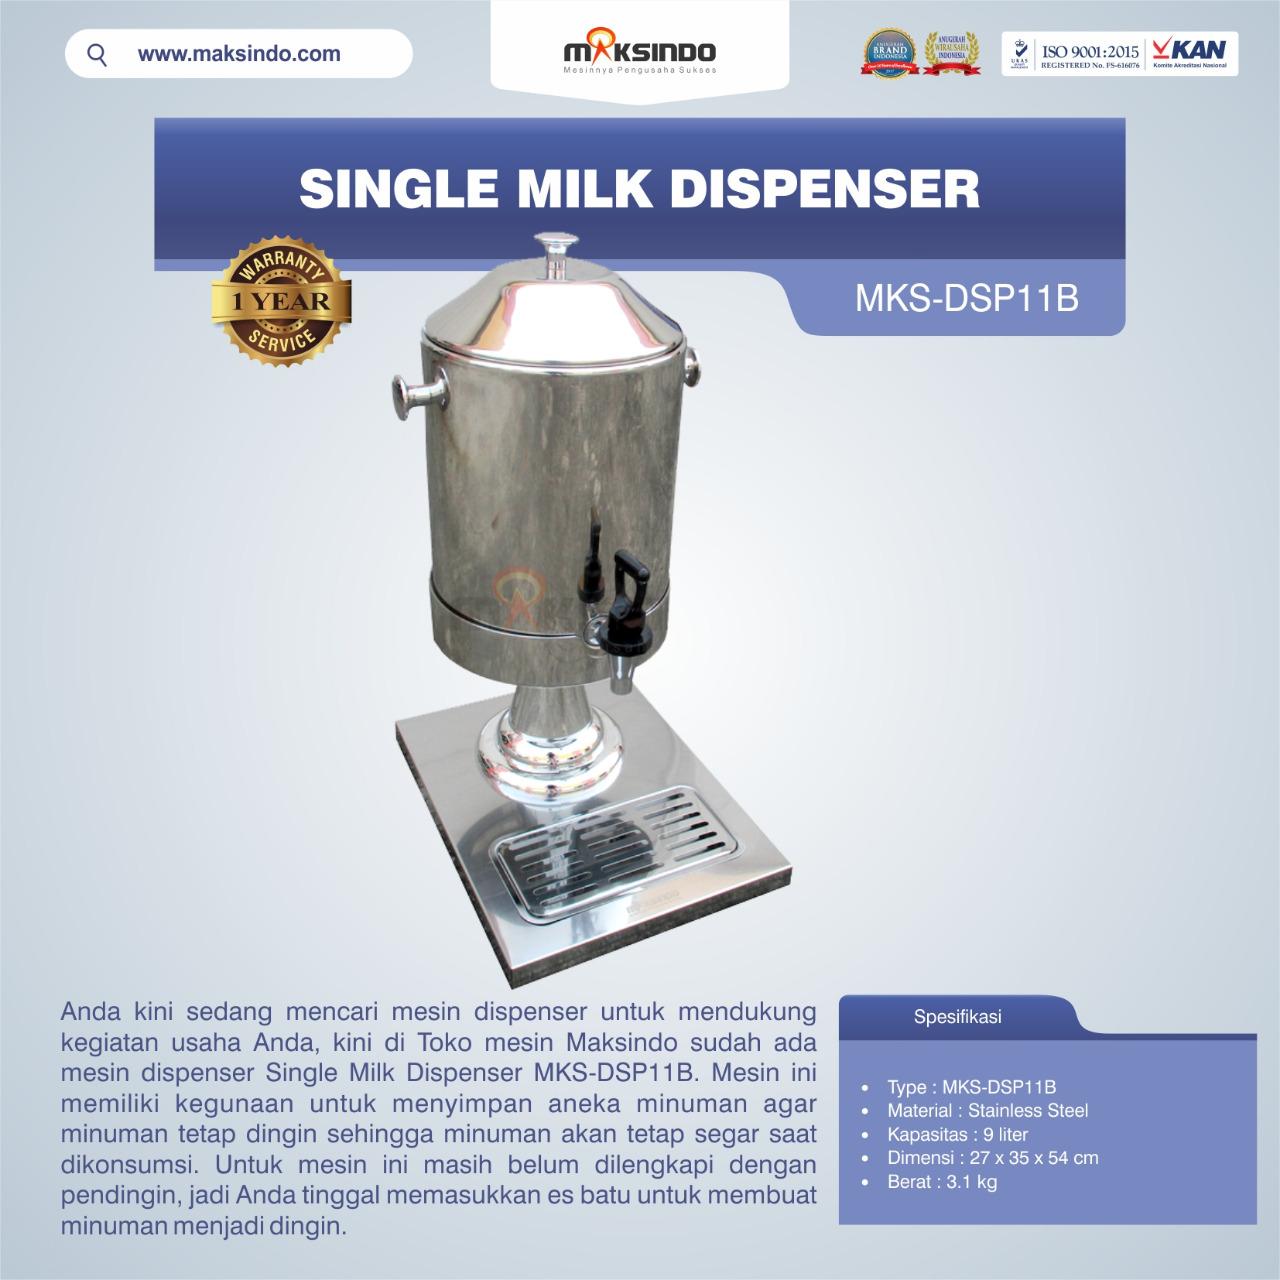 Jual Single Milk Dispenser MKS-DSP11B di Semarang